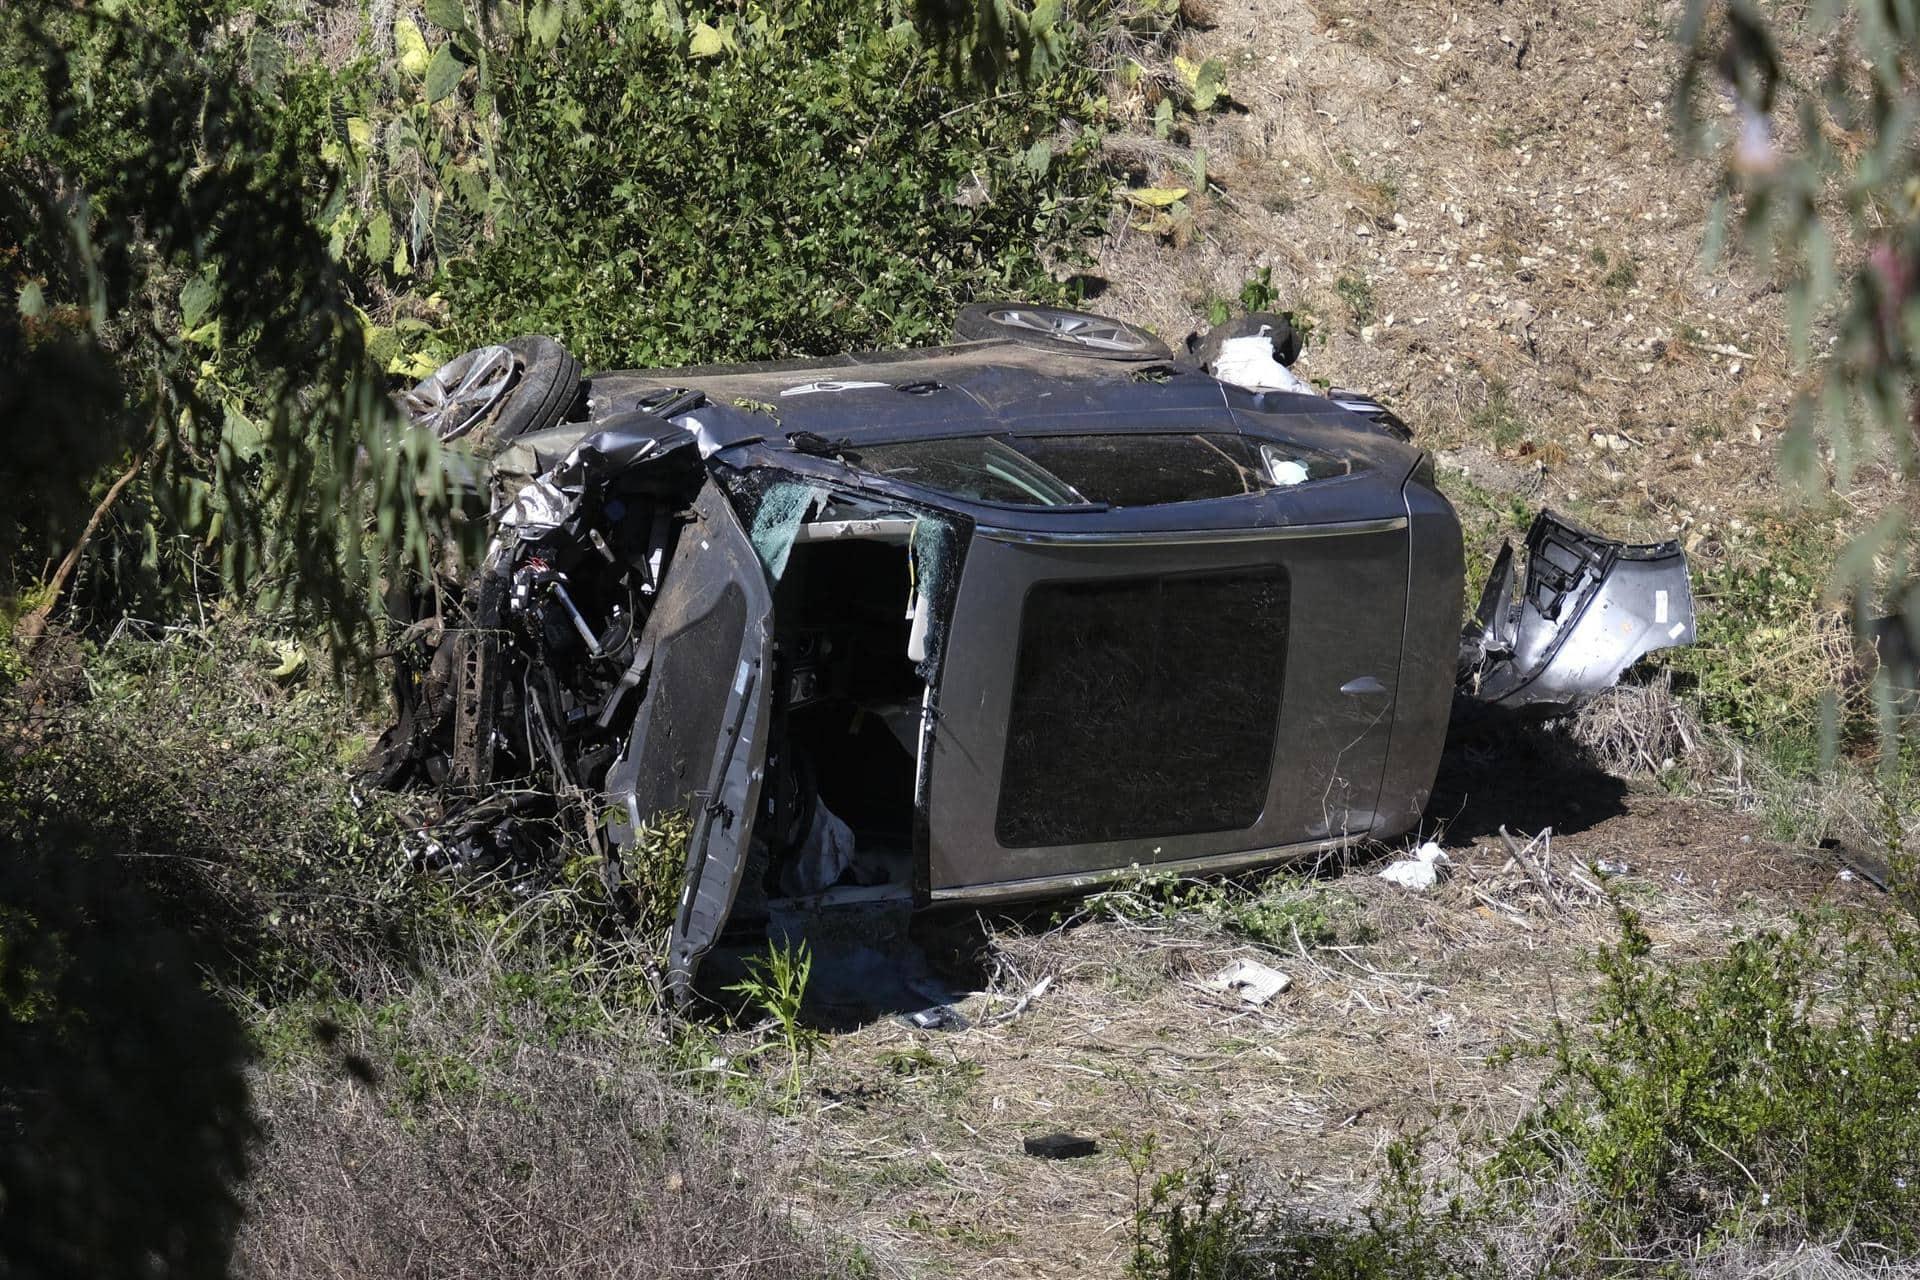 Schwerer Autounfall: Tiger Woods bricht sich beide Beine Golf-Star